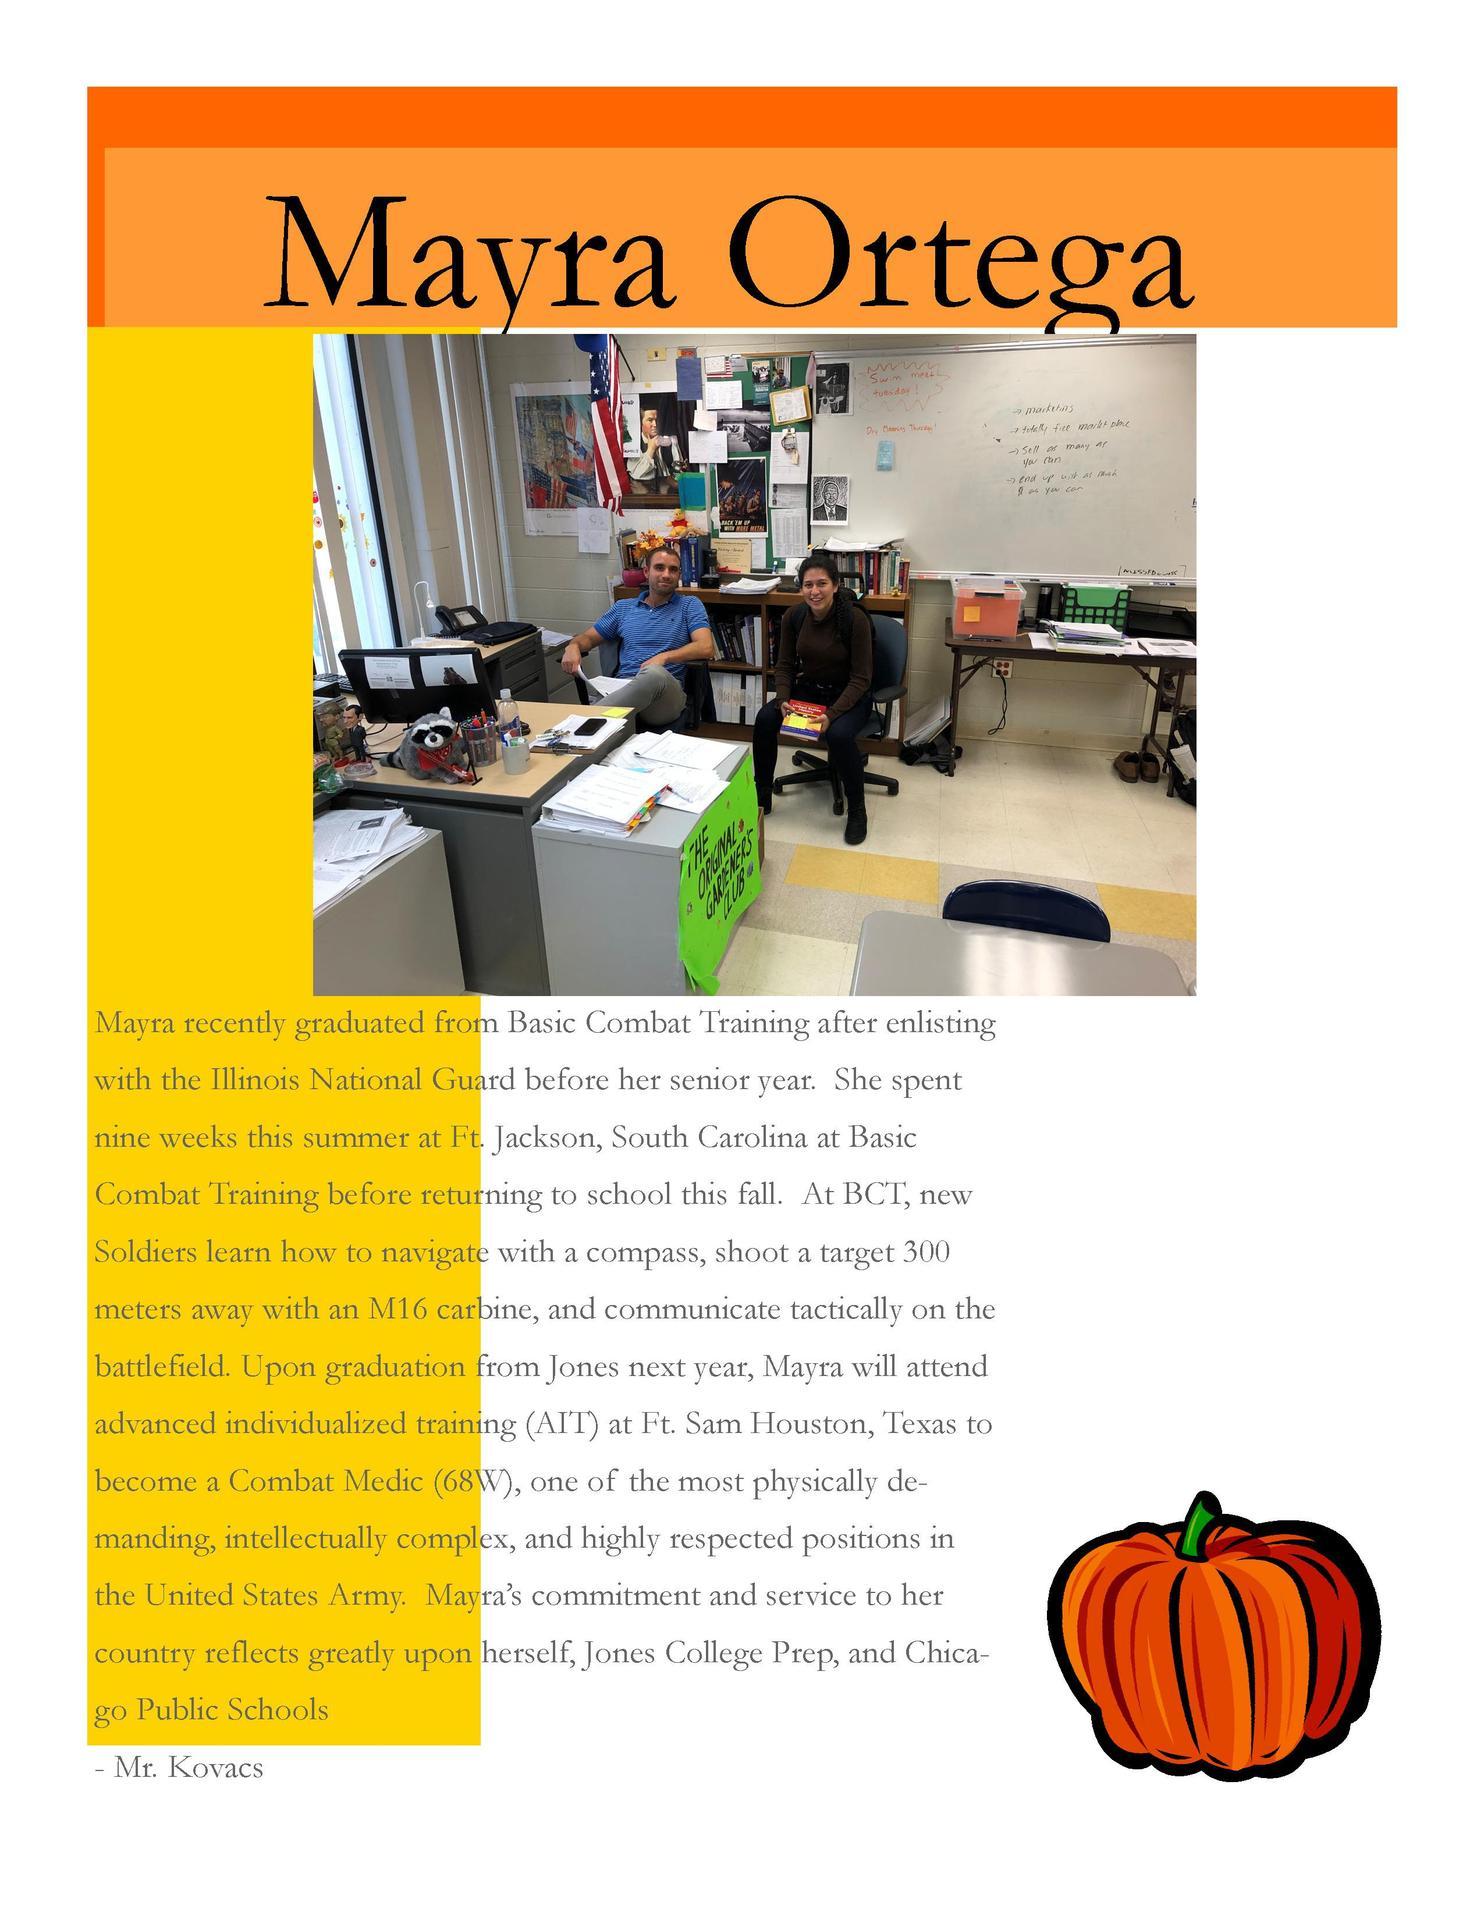 Image of Mayra Ortega